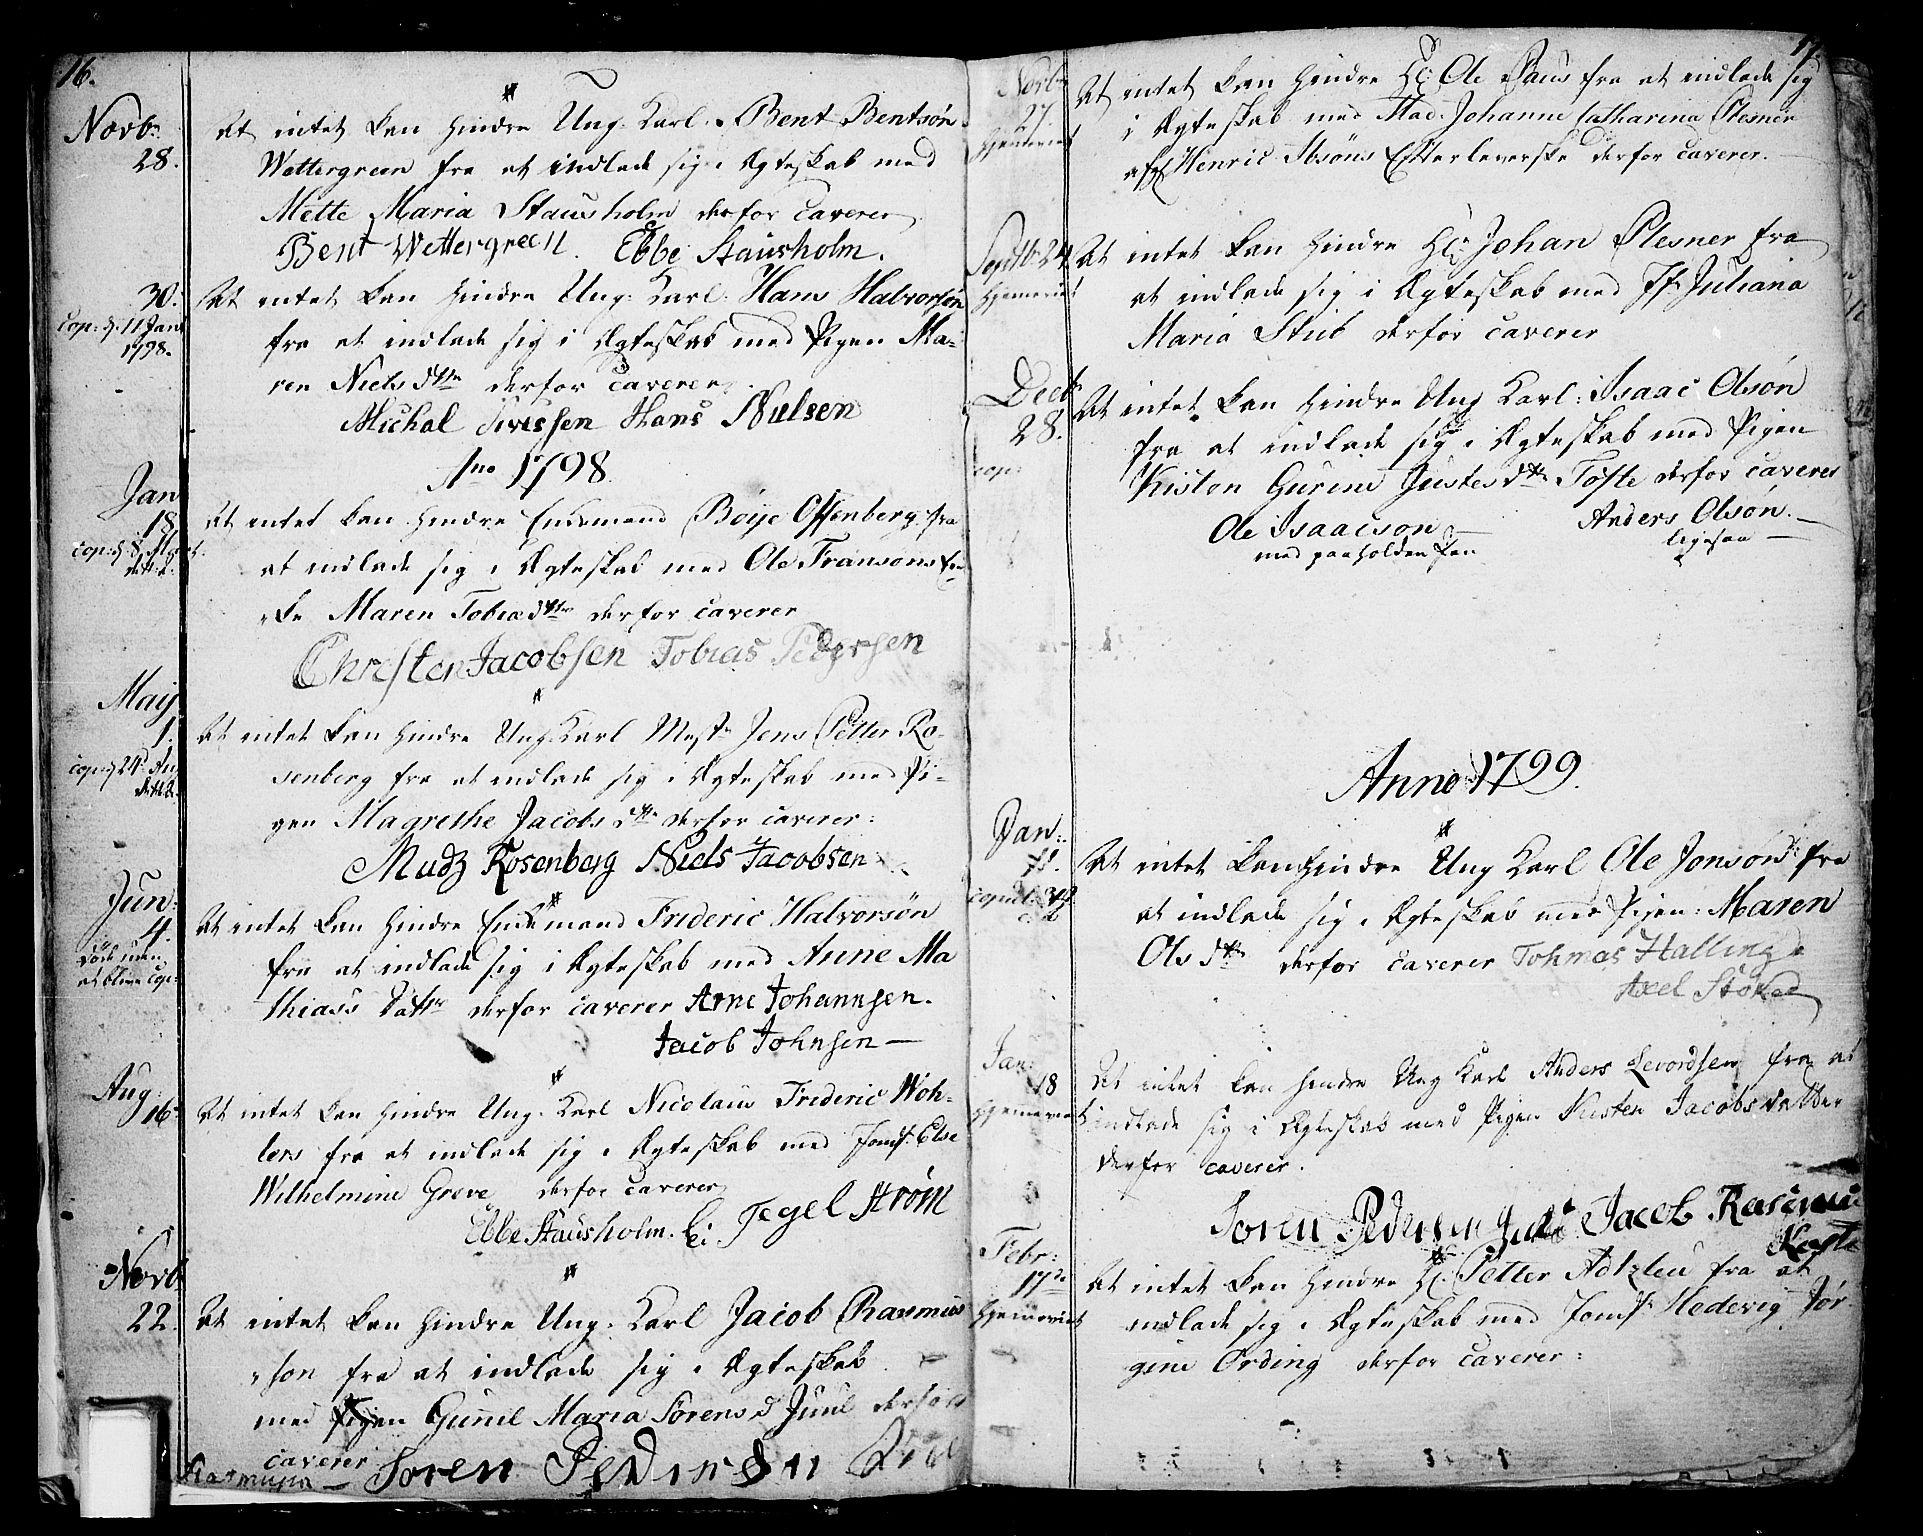 SAKO, Skien kirkebøker, F/Fa/L0004: Ministerialbok nr. 4, 1792-1814, s. 16-17